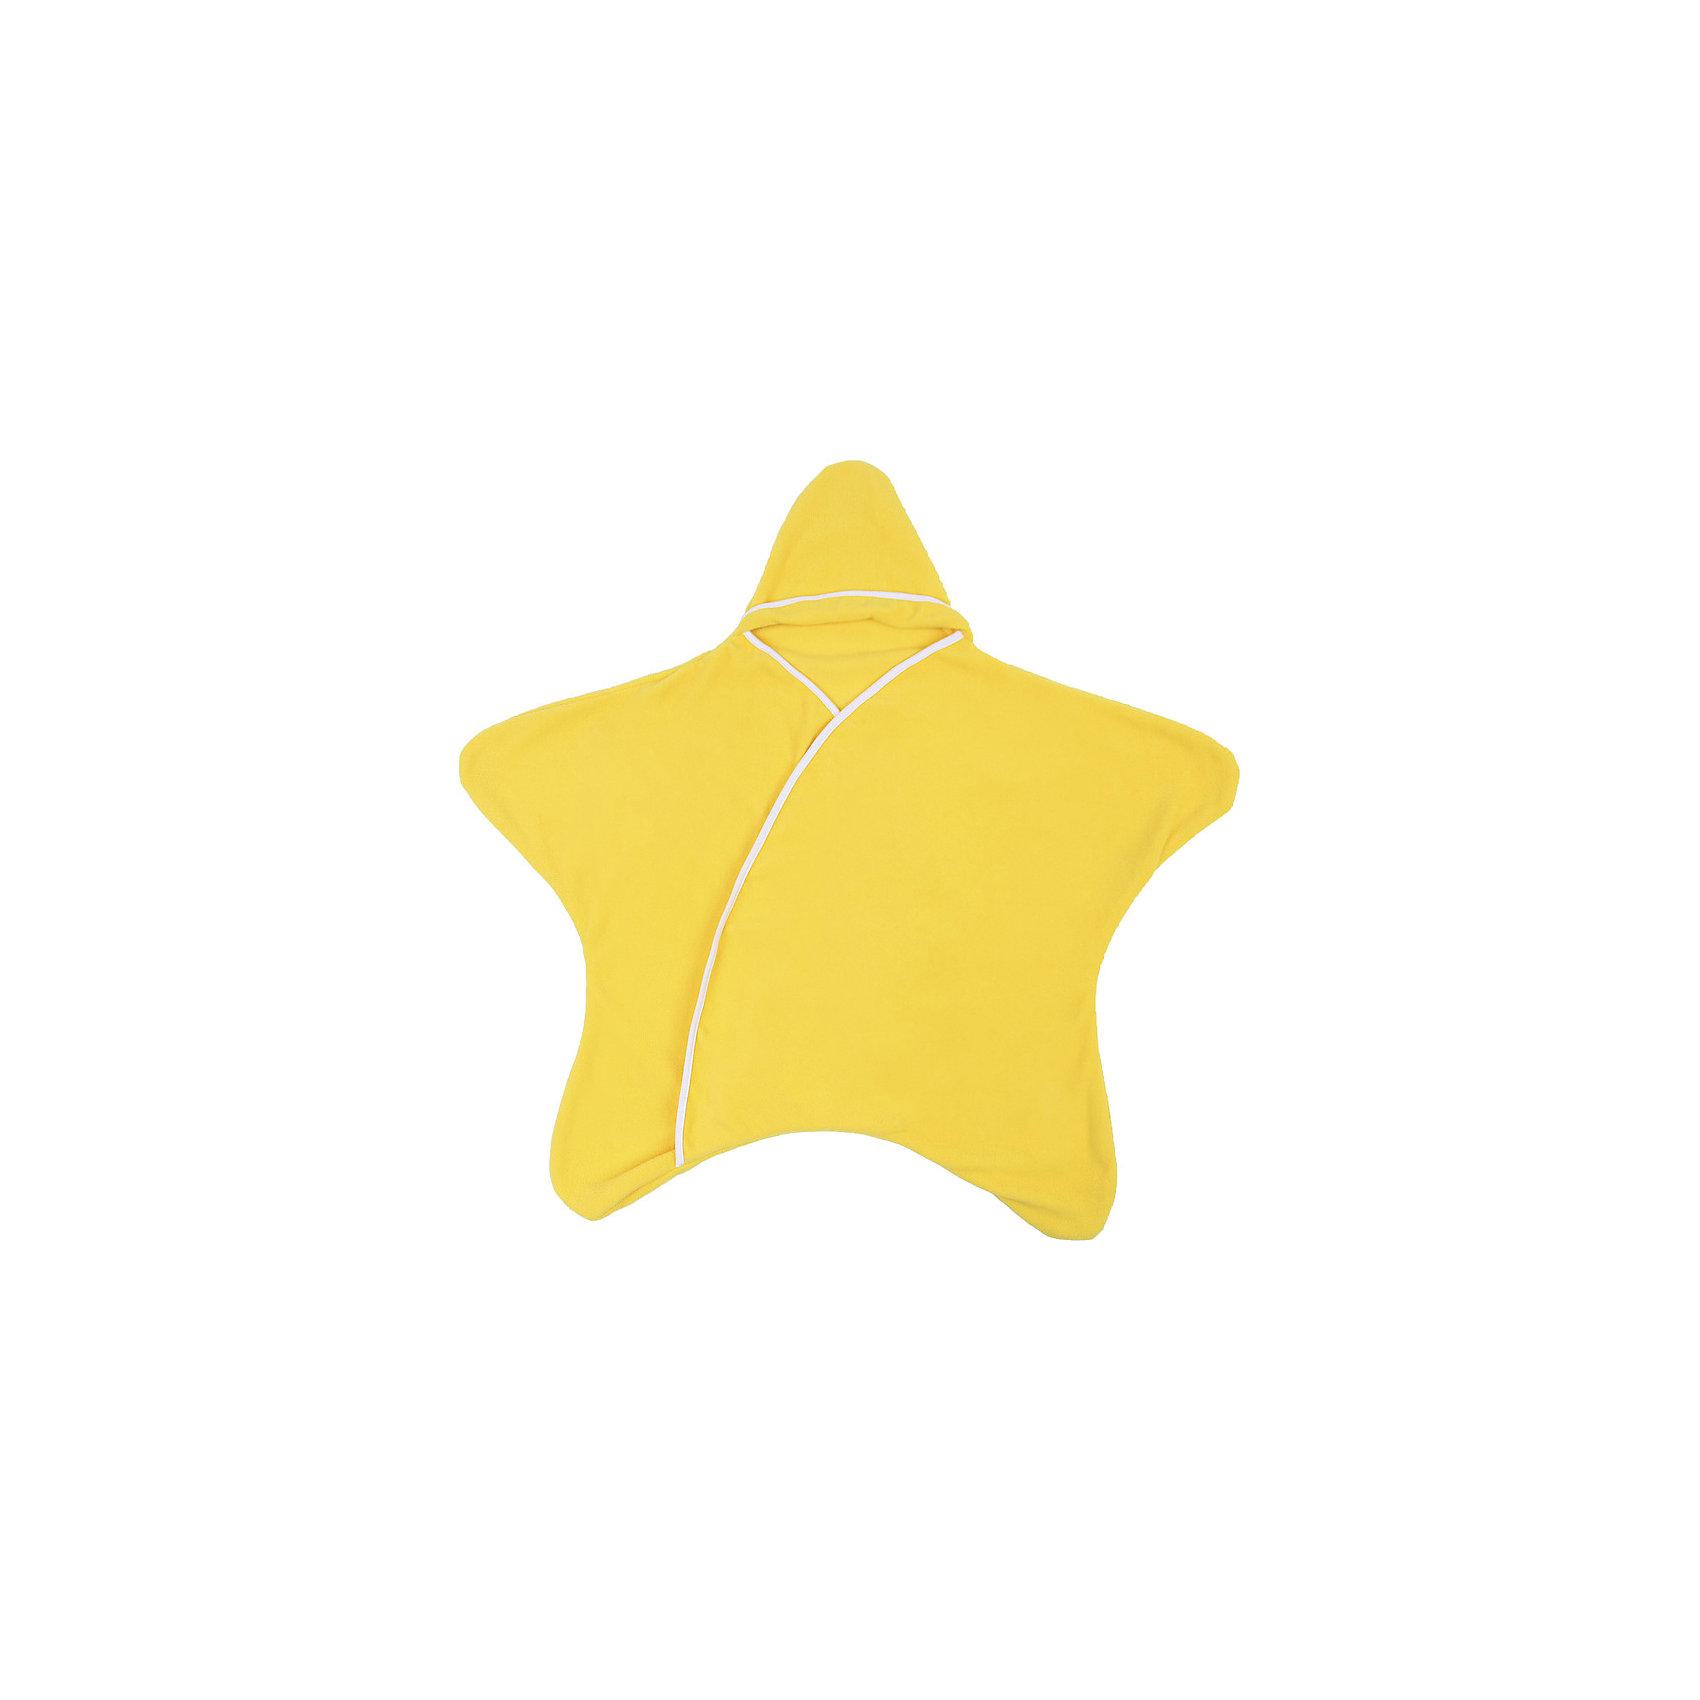 Конверт 5 в 1 Twinklbaby, спелый бананКонверт 5 в 1 «Заверни и иди» выполняет функцию конверта, комбинезона, пеленки, пледа и игрового коврика, что дает возможность экономить денежные средства и место в маминой сумке,  заменяя сразу несколько вещей. Изделие будет прекрасным вариантом для подарка малышу и его родителям. Удобно брать с собой на прогулку, в дорогу, в гости или поликлинику. Модель не сковывает движения малыша, обладает прекрасными дышащими свойствами и пропускной способностью. Подходит как мальчикам, так и девочкам.<br><br>Характеристики: <br><br>- цвет: желтый;                                                                                                                                             - коллекция: заверни и иди;                                                                                                                                                                                                                                                                                                                                                                                                                                                         - возраст: от 1-го месяца и выше;                                                                                                                     - рост: до 80 см;                                                                                                                                                           - пол: универсальный;<br>- совместимость: с 5-титочечными страховочными ремнями — можно использовать в детских колясках и автолюльках;                                                                                                                                                     - применение: все сезоны (используется как верхняя одежда);                                                                                                                                                  